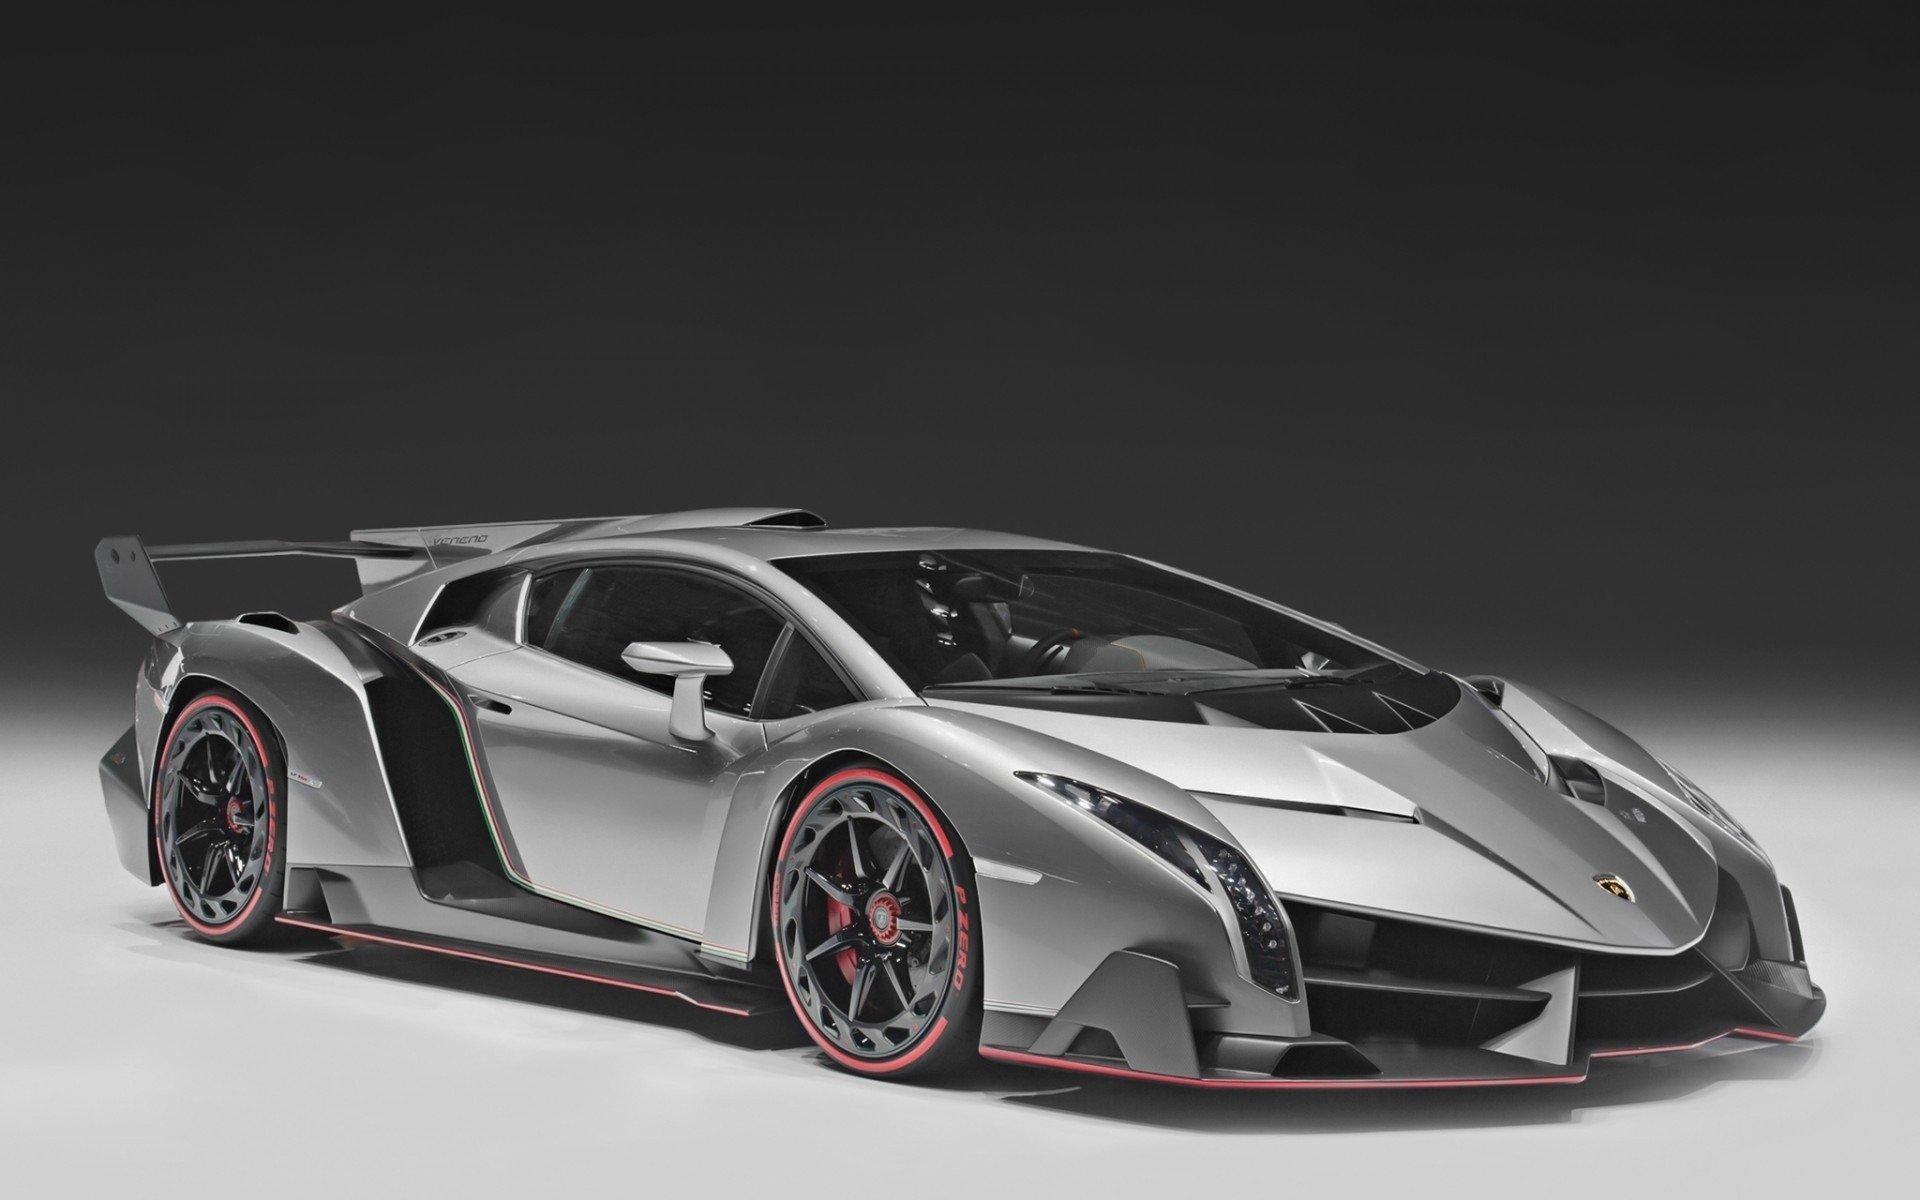 Lamborghini Full HD Fond d'écran and Arrière-Plan   1920x1200   ID:378711